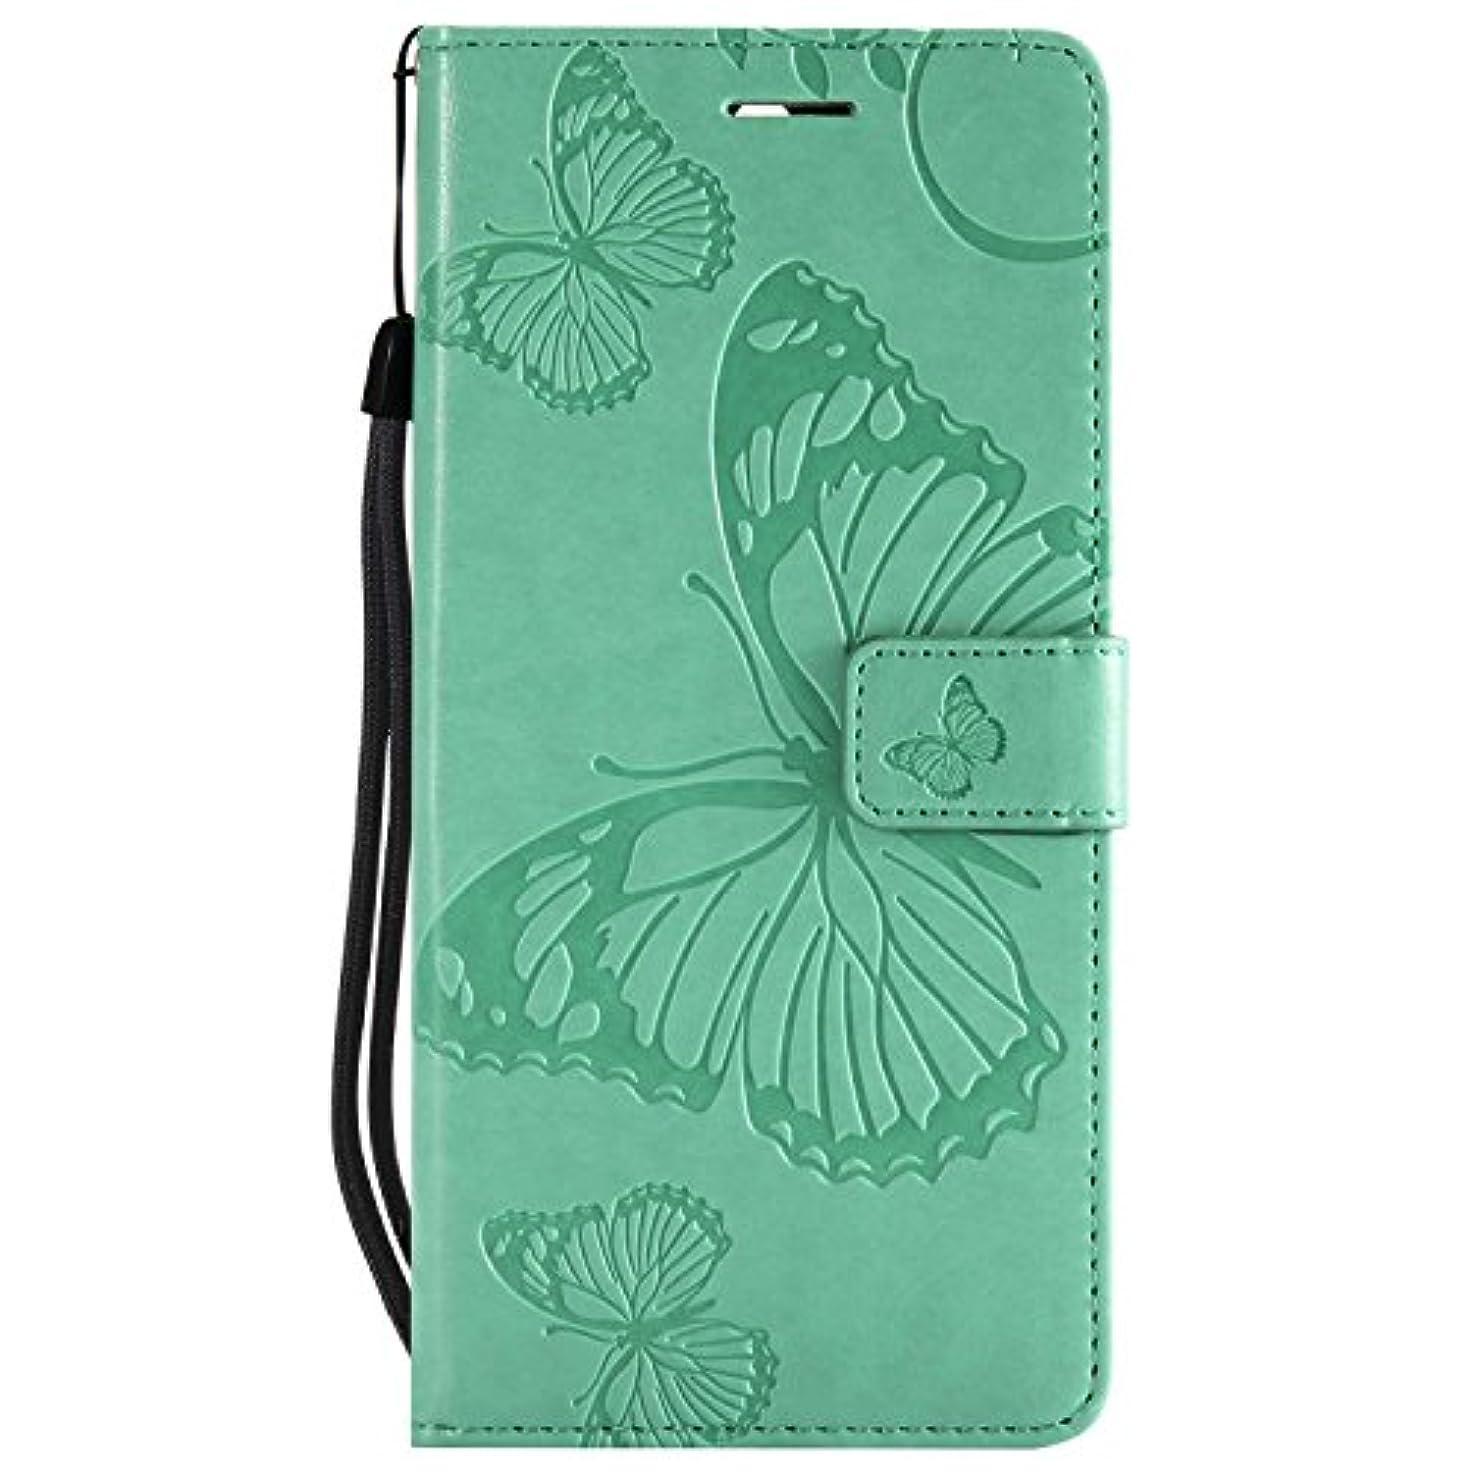 ぼかすパーティー幻滅するCUSKING Huawei Mate 10 Lite ケース Huawei Mate 10 Lite カバー ファーウェイ 手帳ケース カードポケット スタンド機能 蝶柄 スマホケース かわいい レザー 手帳 - グリーン